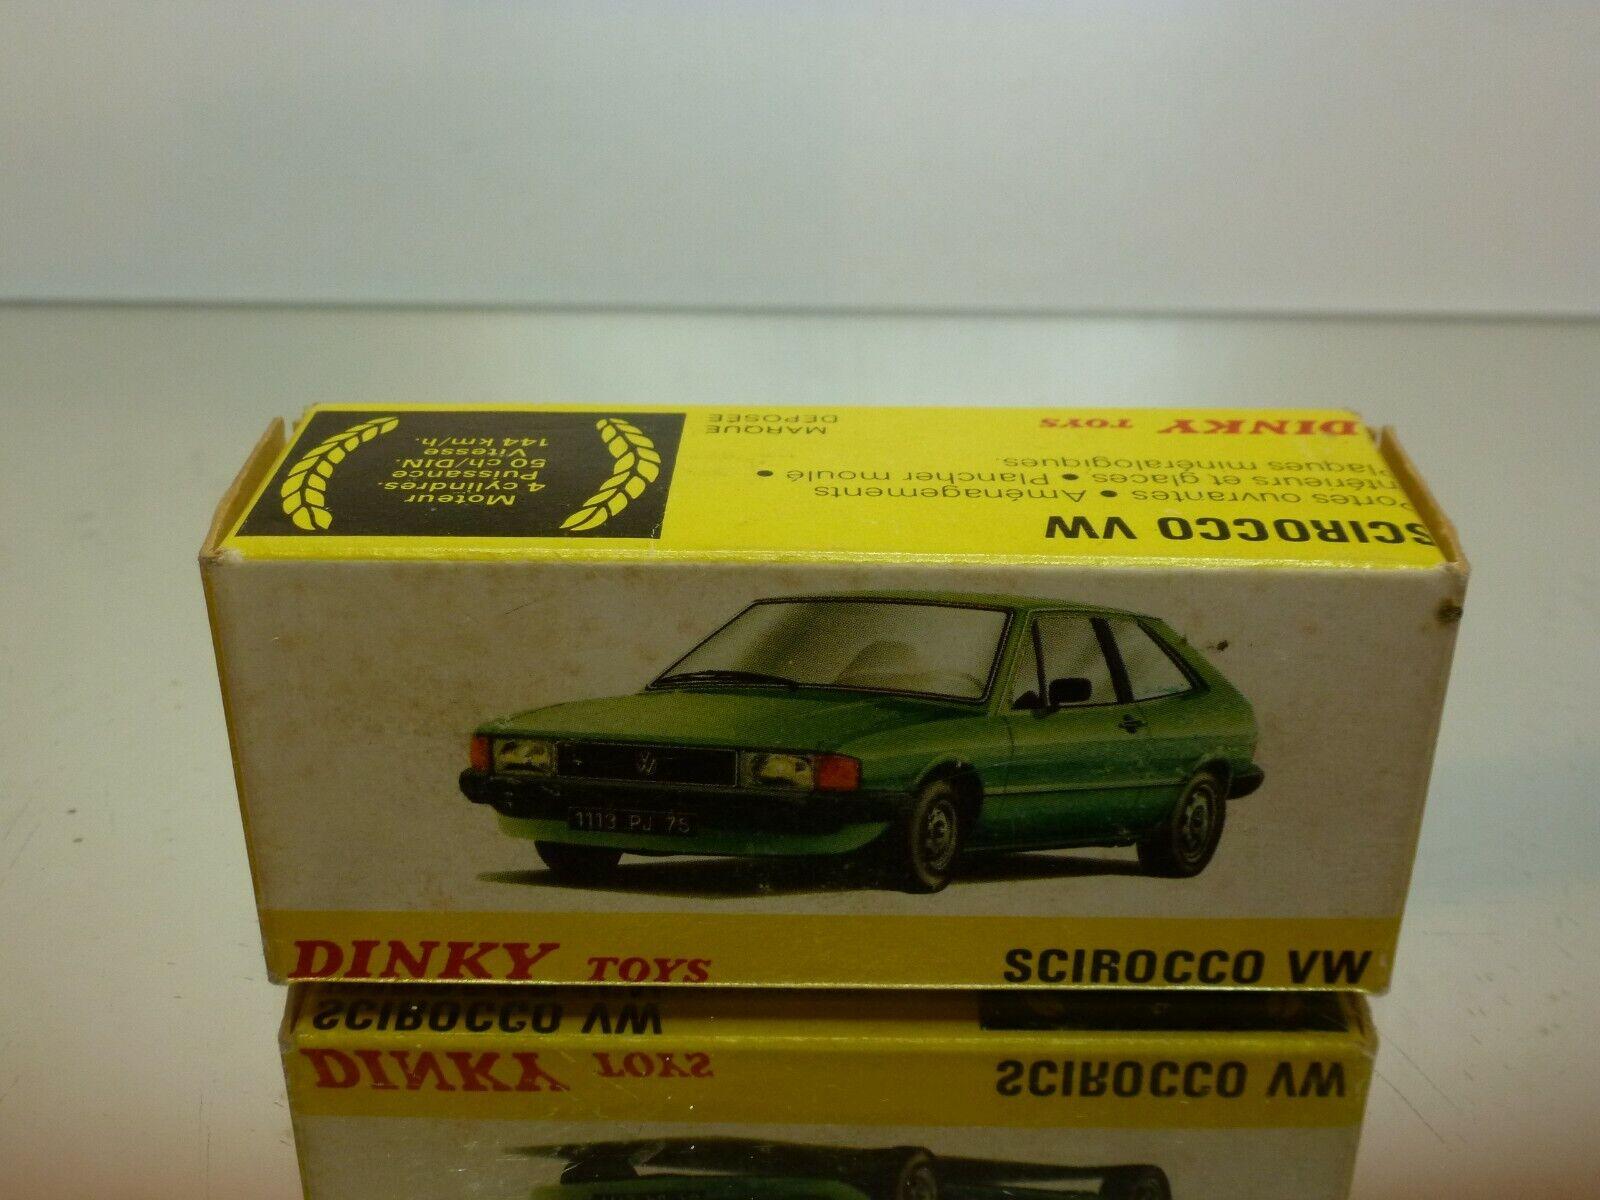 primera reputación de los clientes primero DINKT TOYS 11539 BOX for VW VOLKSWAGEN SCIROCCO SCIROCCO SCIROCCO - GOOD CONDITION - ONLY BOX  Vuelta de 10 dias